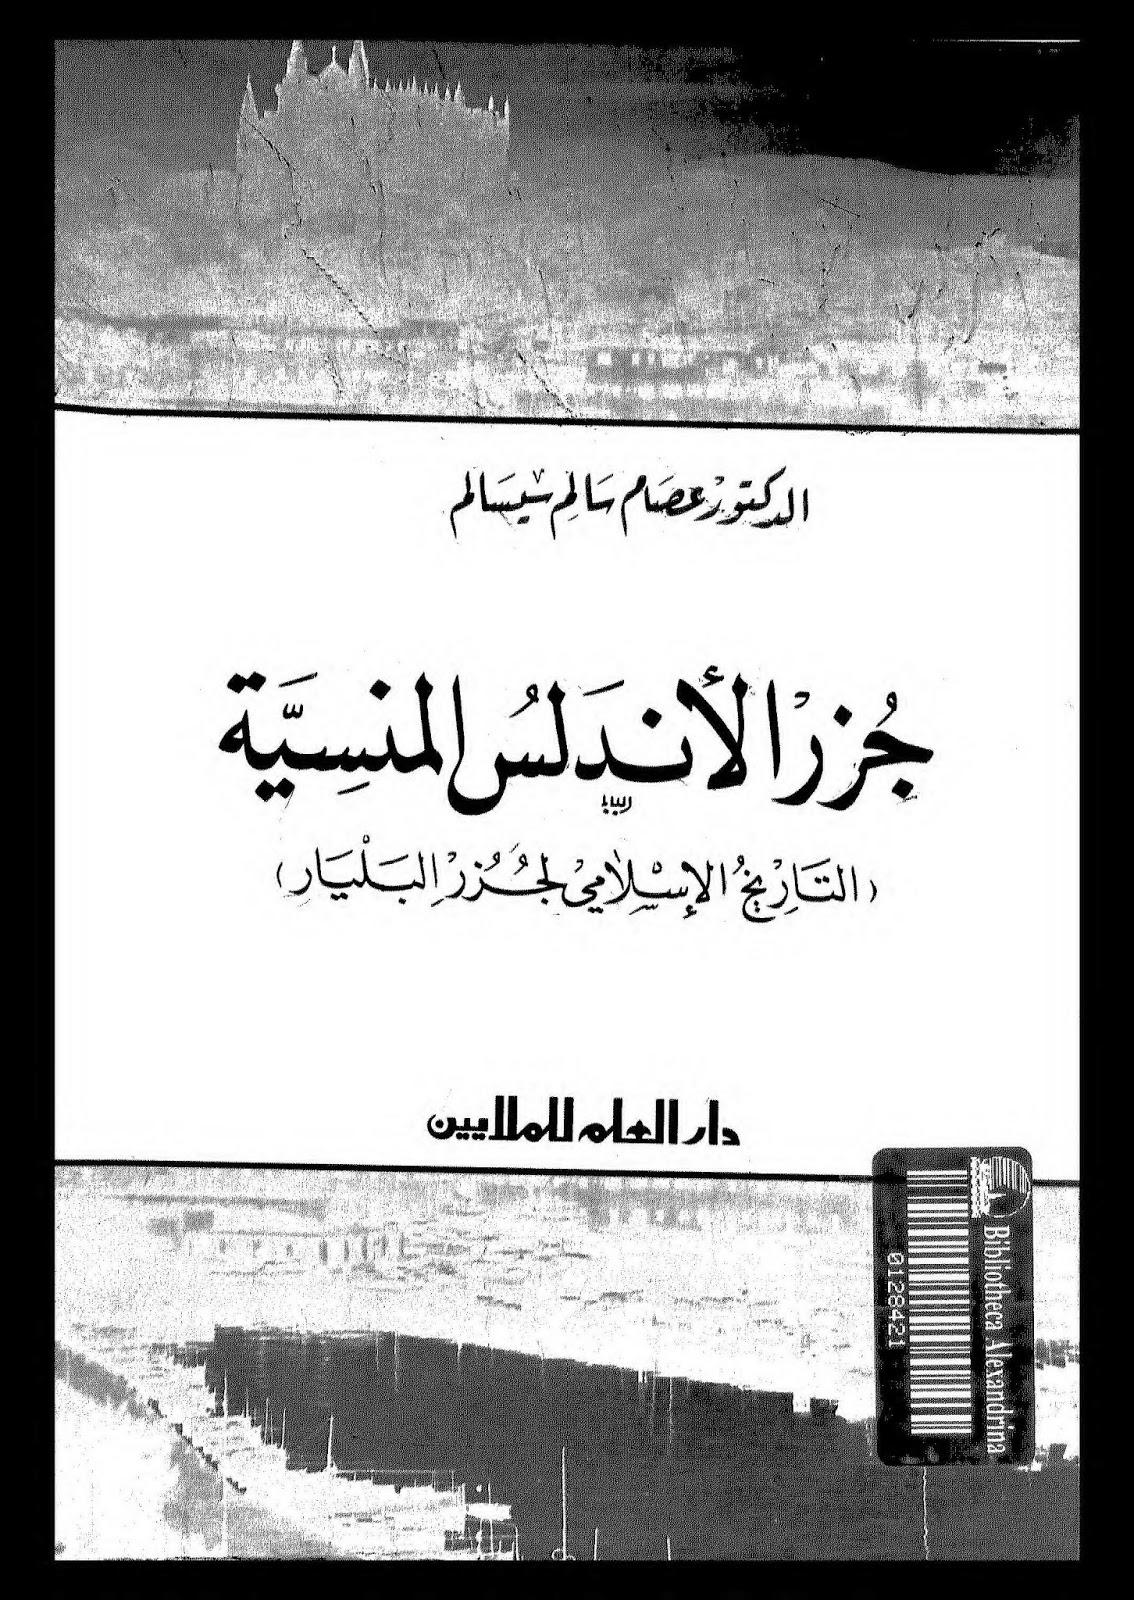 جزر الأندلس المنسية (التاريخ الإسلامى لجزر البليار) - د. عصام سالم بسالم